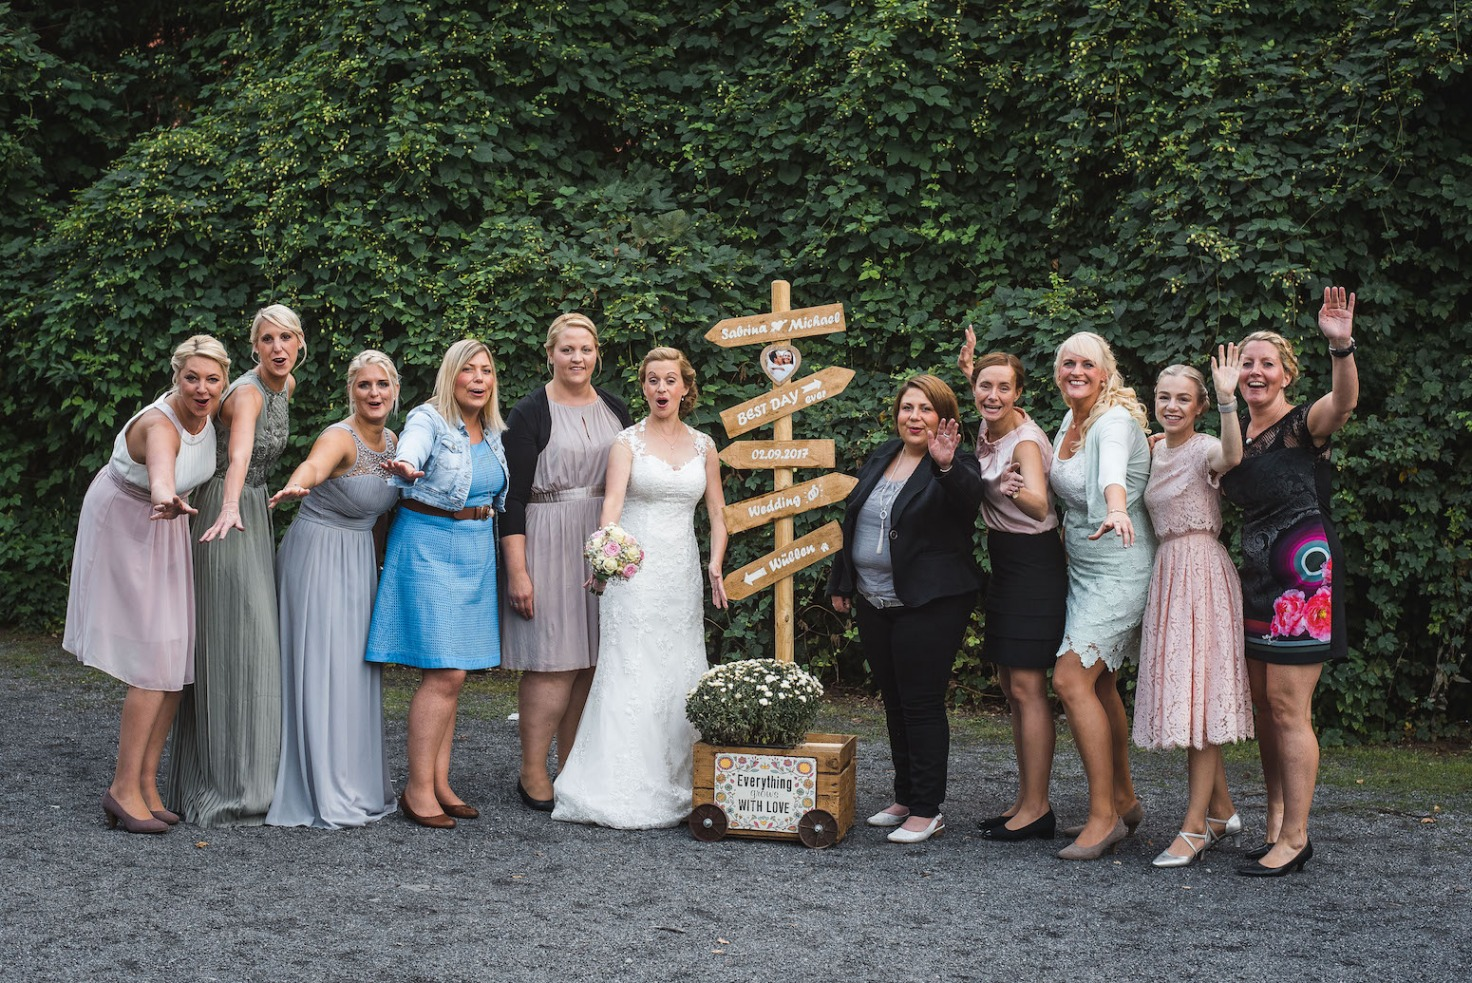 Hochzeit von Sabrina und Michael in Münster: Braut mit ihren Freundinnen